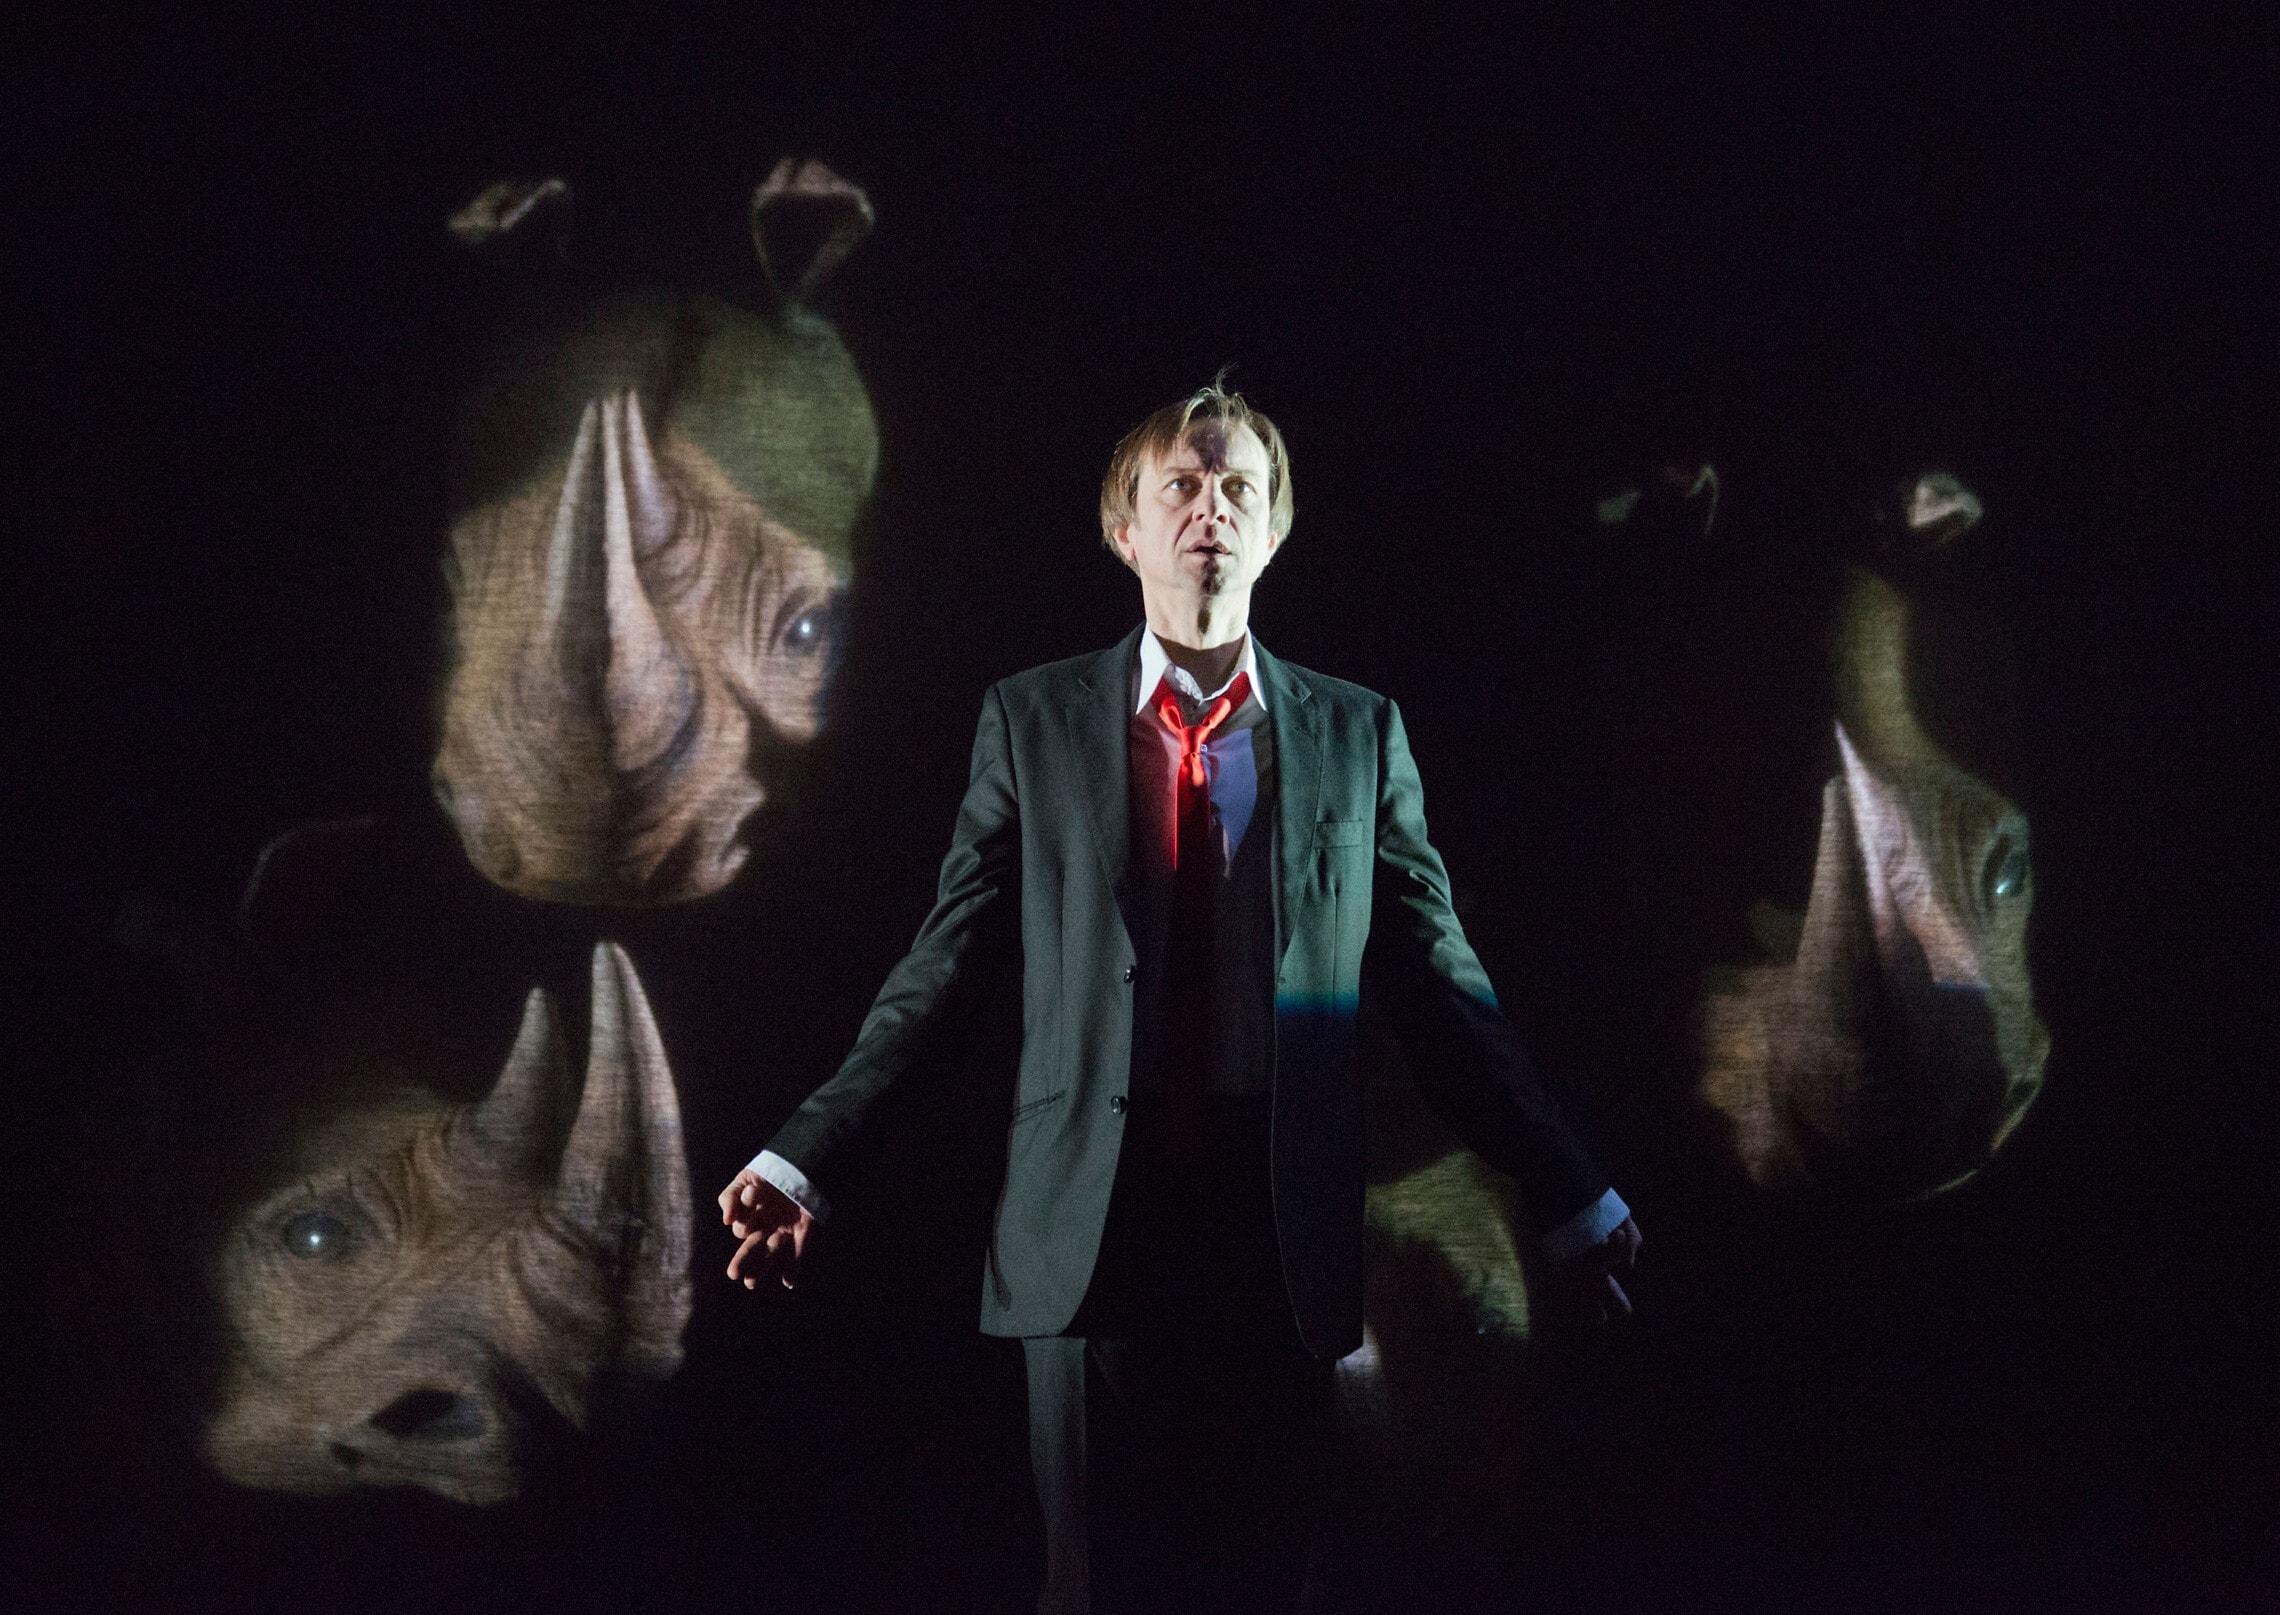 """הפקה של המחזה """"קרנפים"""" בברביקן בלונדון ב-2013 (צילום: theatrepix / Alamy)"""